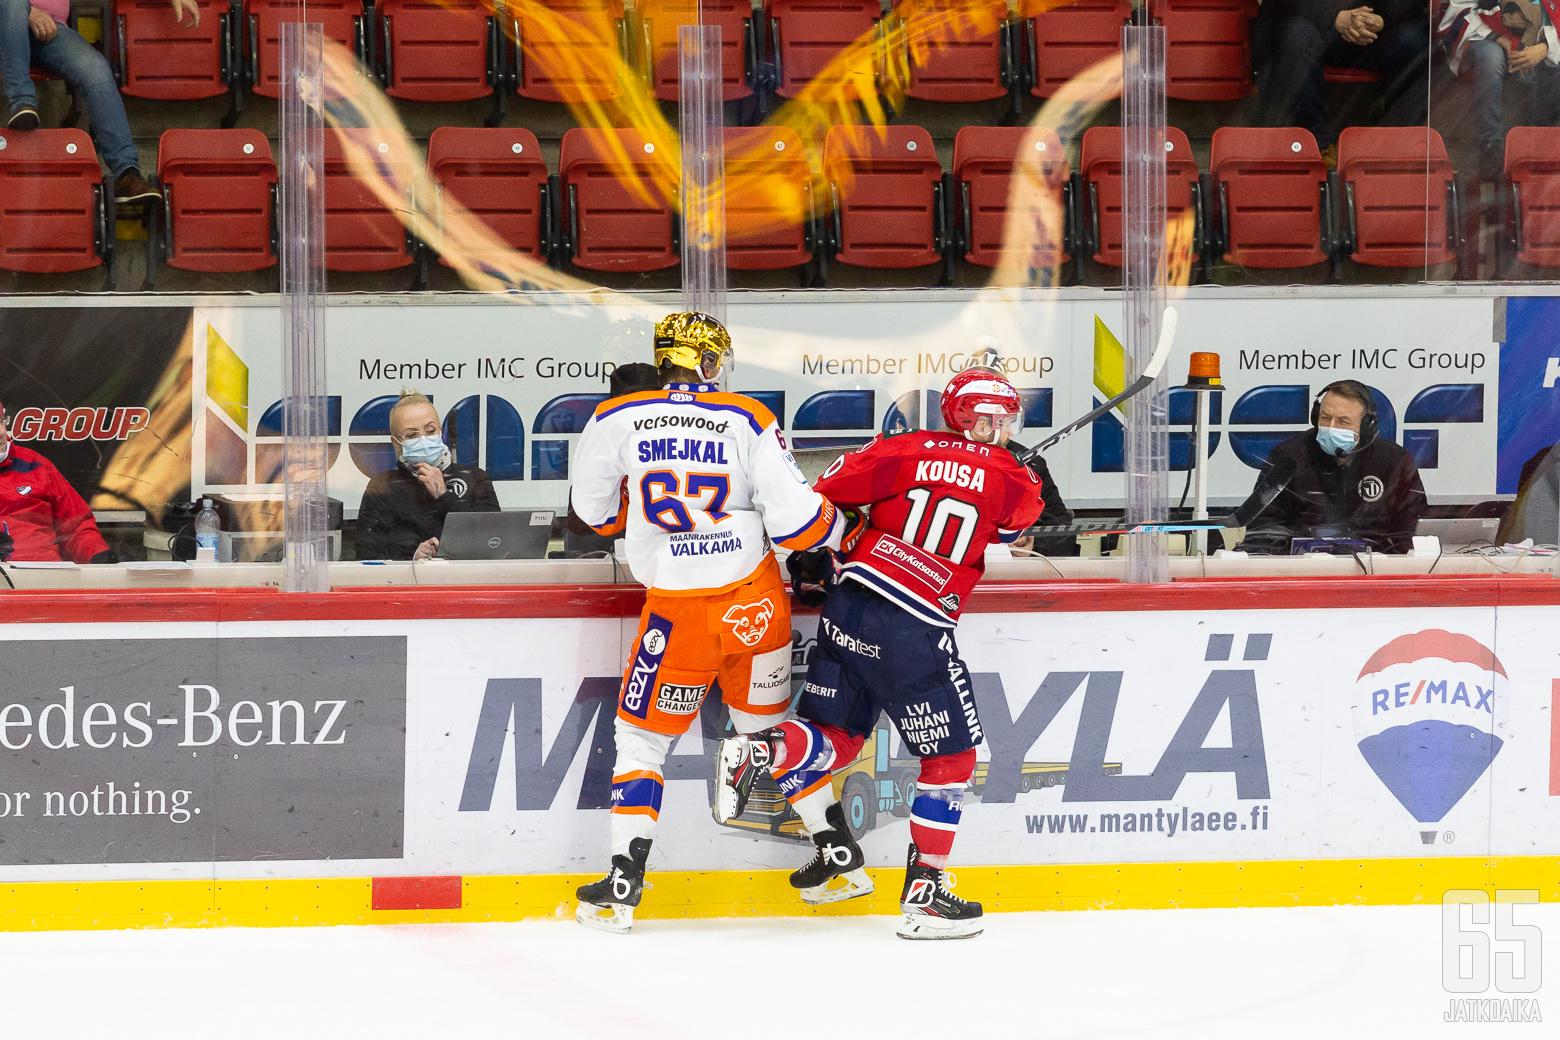 Mikko Kousa, HIFK ja Jiří Smejkal, Tappara ottelussa HIFK - Tappara, 20/11/2020, Helsingin jäähalli, Helsinki, Suomi. Photo: Joonas Kämäräinen